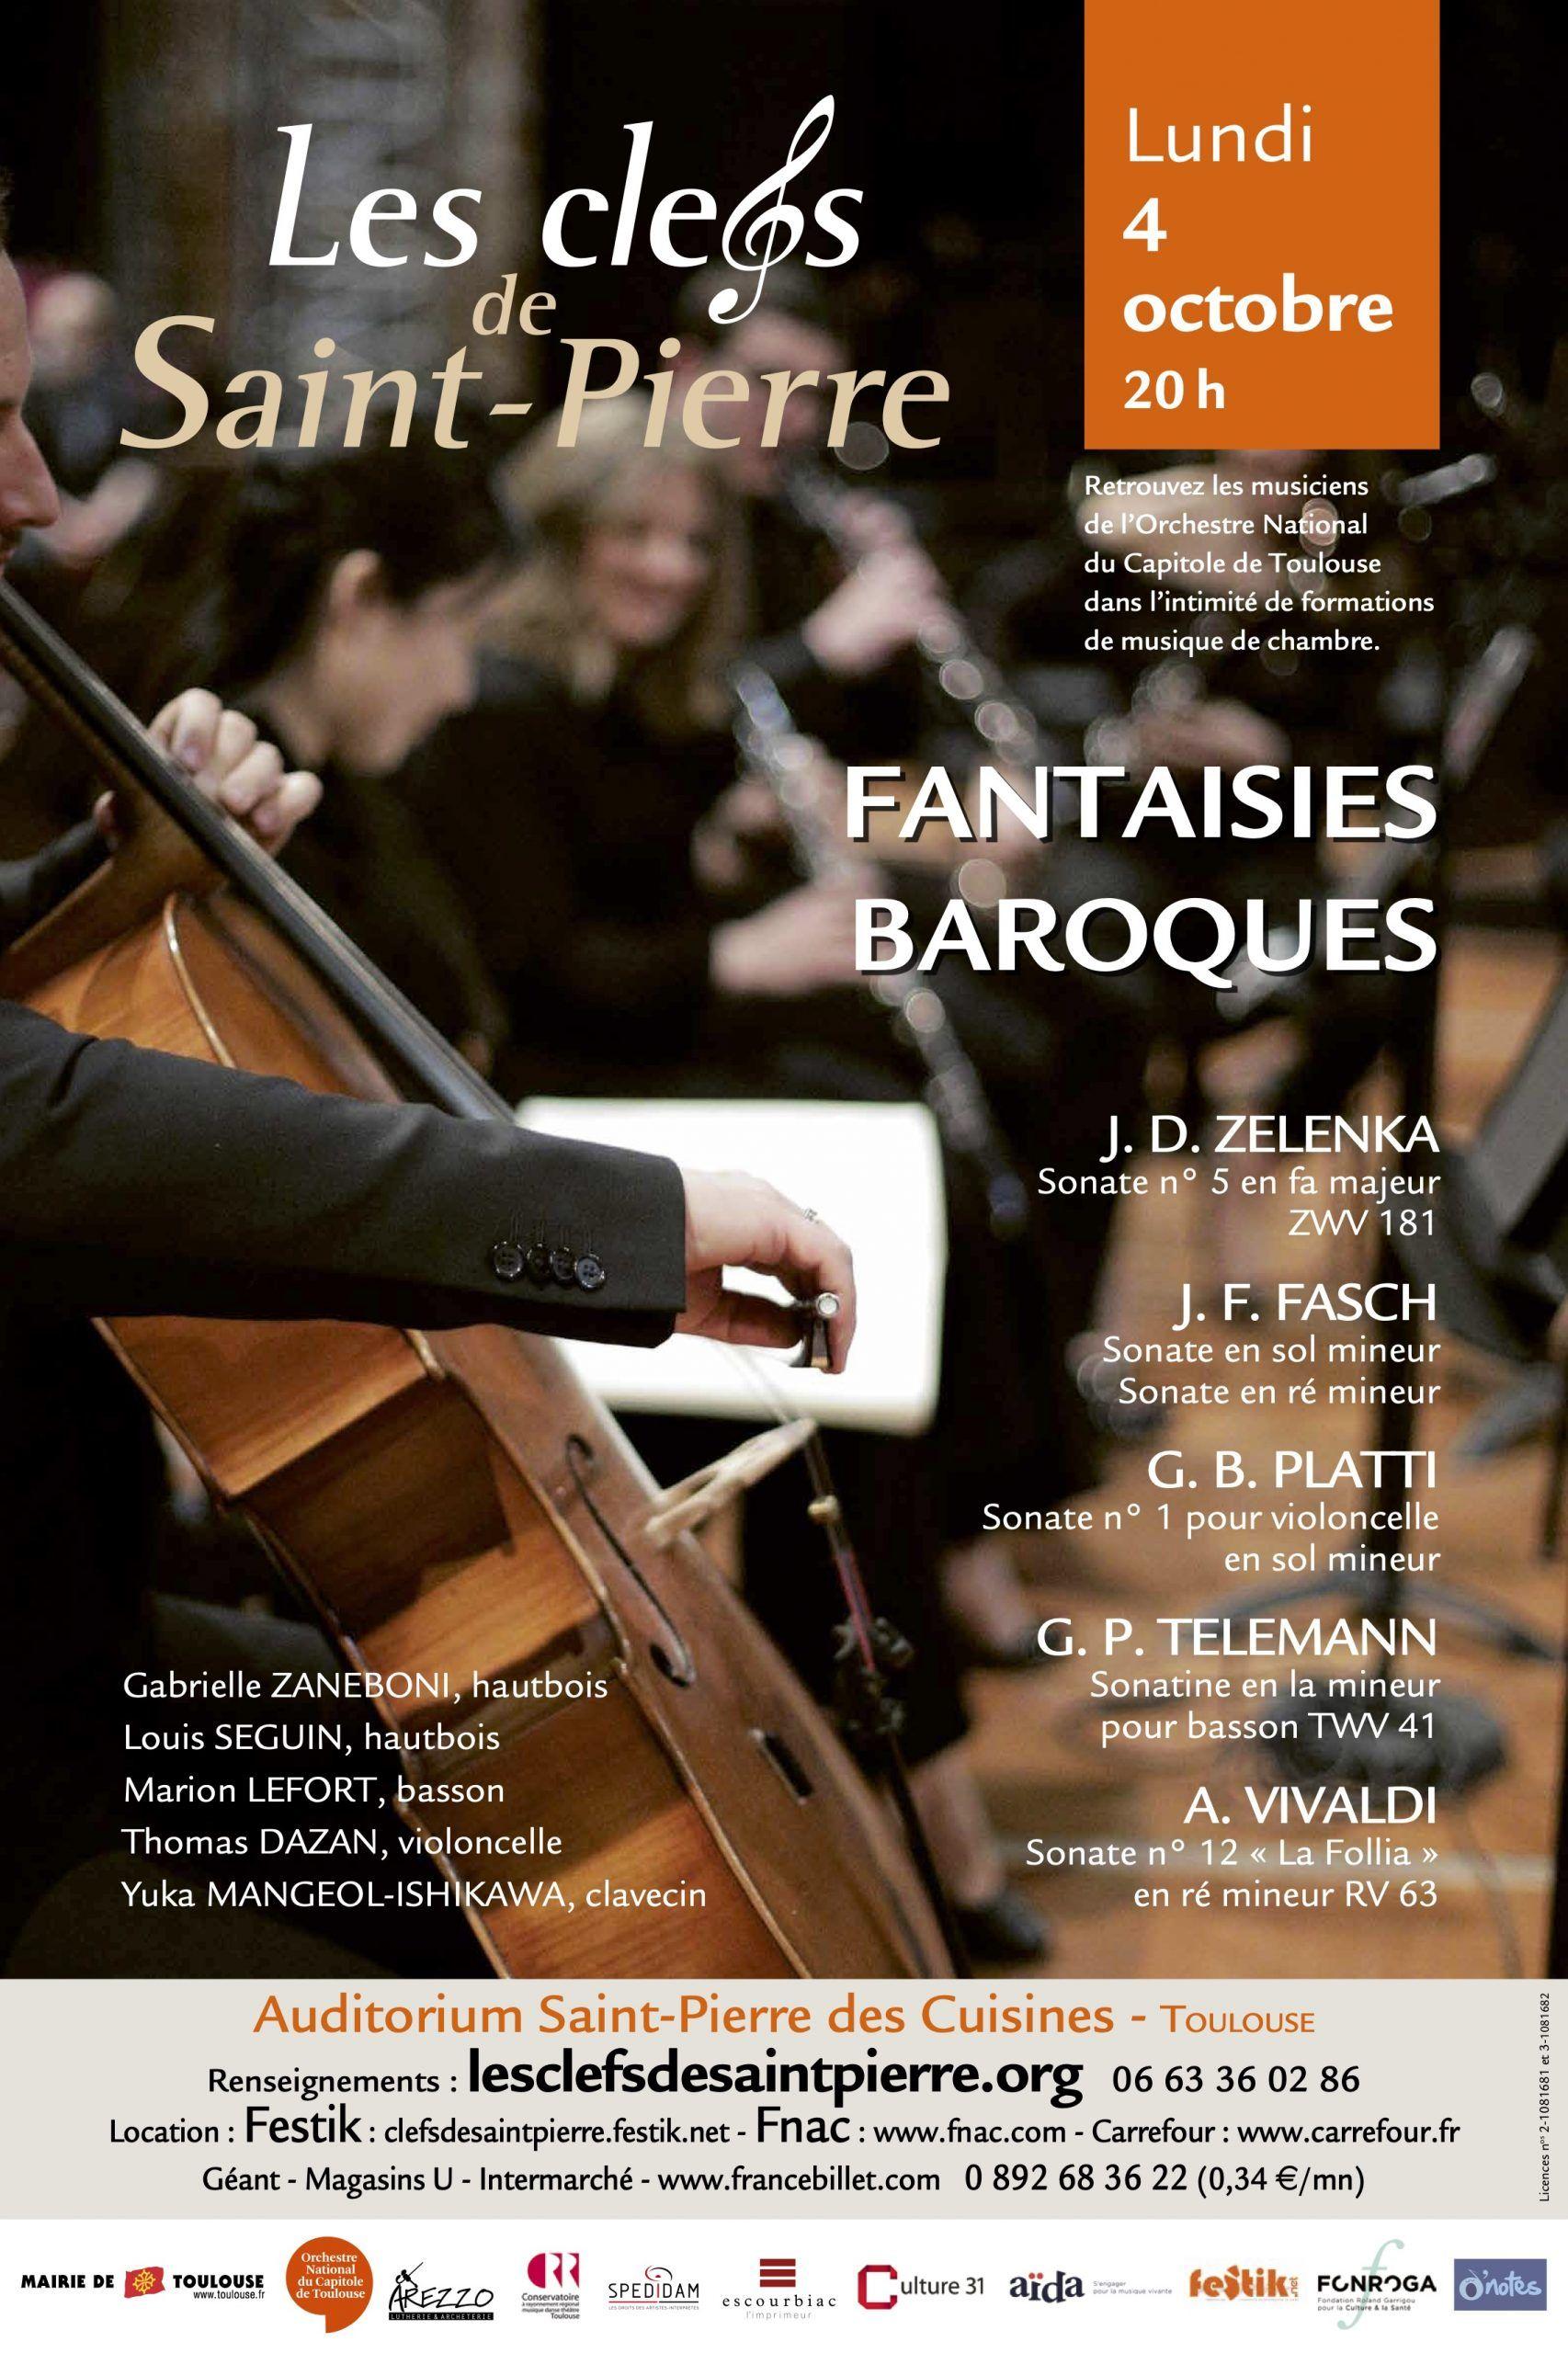 Les Clefs de Saint-Pierre - Fantaisies Baroques